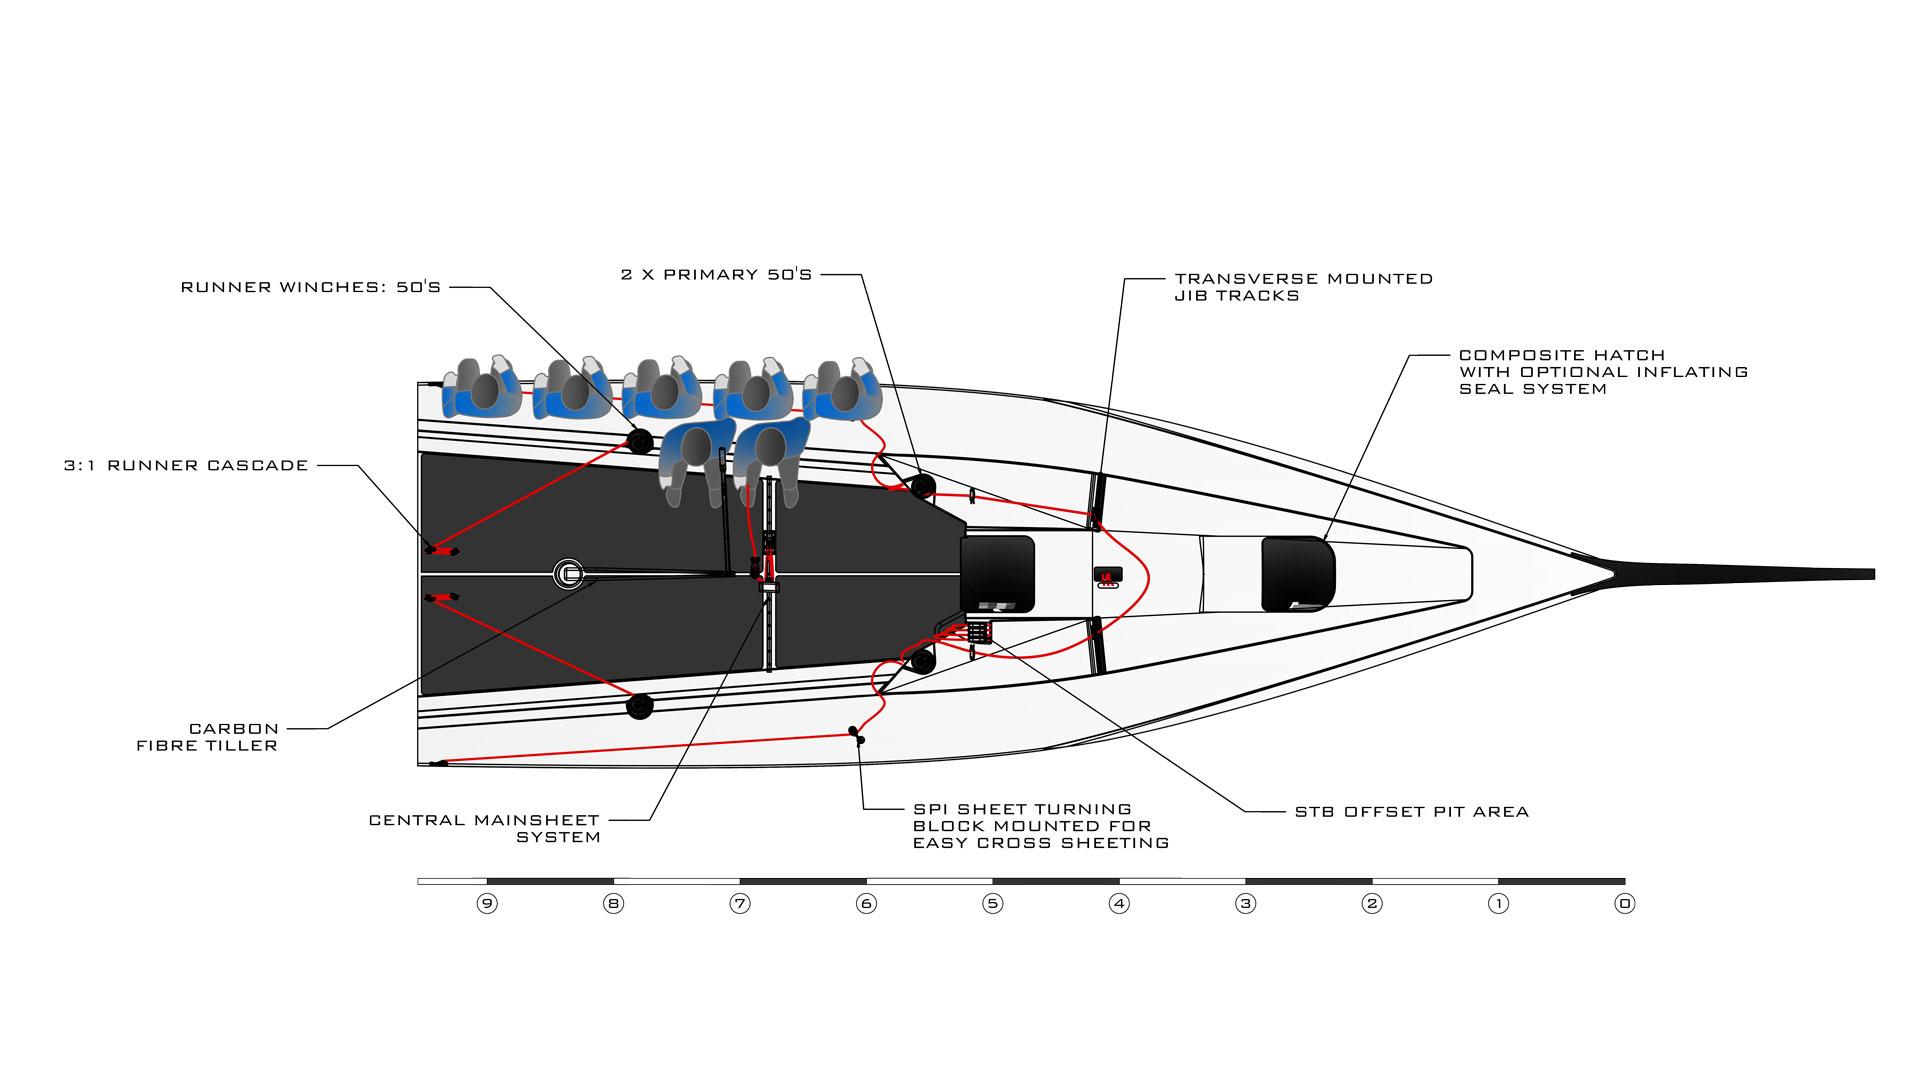 BR31 Lo Nuevo De Ben Rogerson Yacht Design Juanpanews